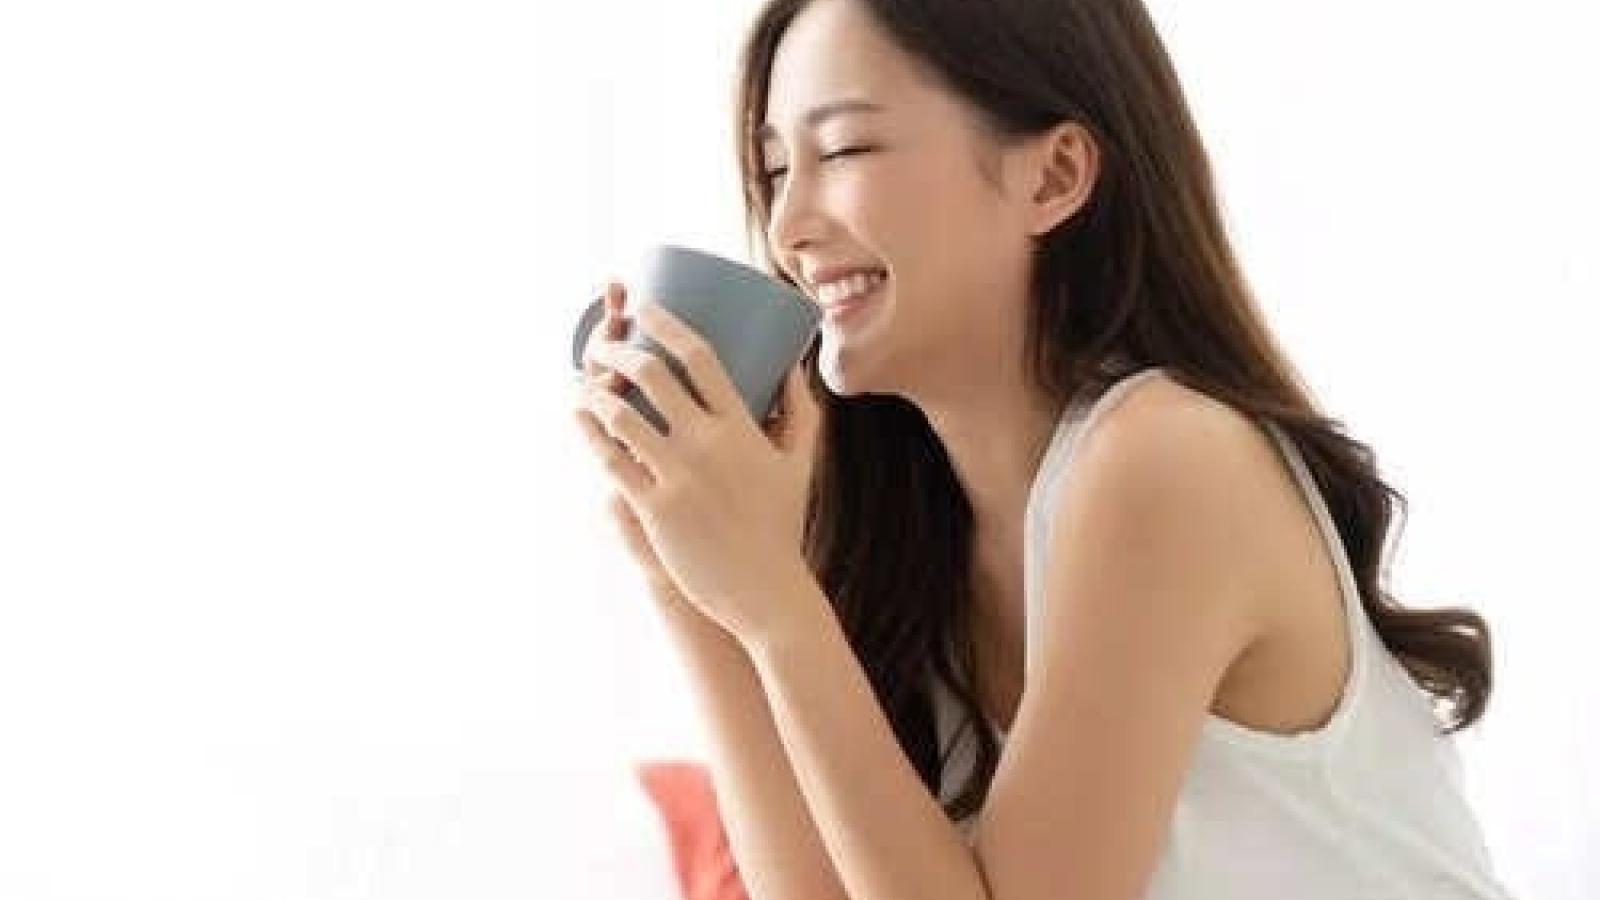 Bí mật thân hình đẹp chuẩn của phụ nữ Hàn Quốc